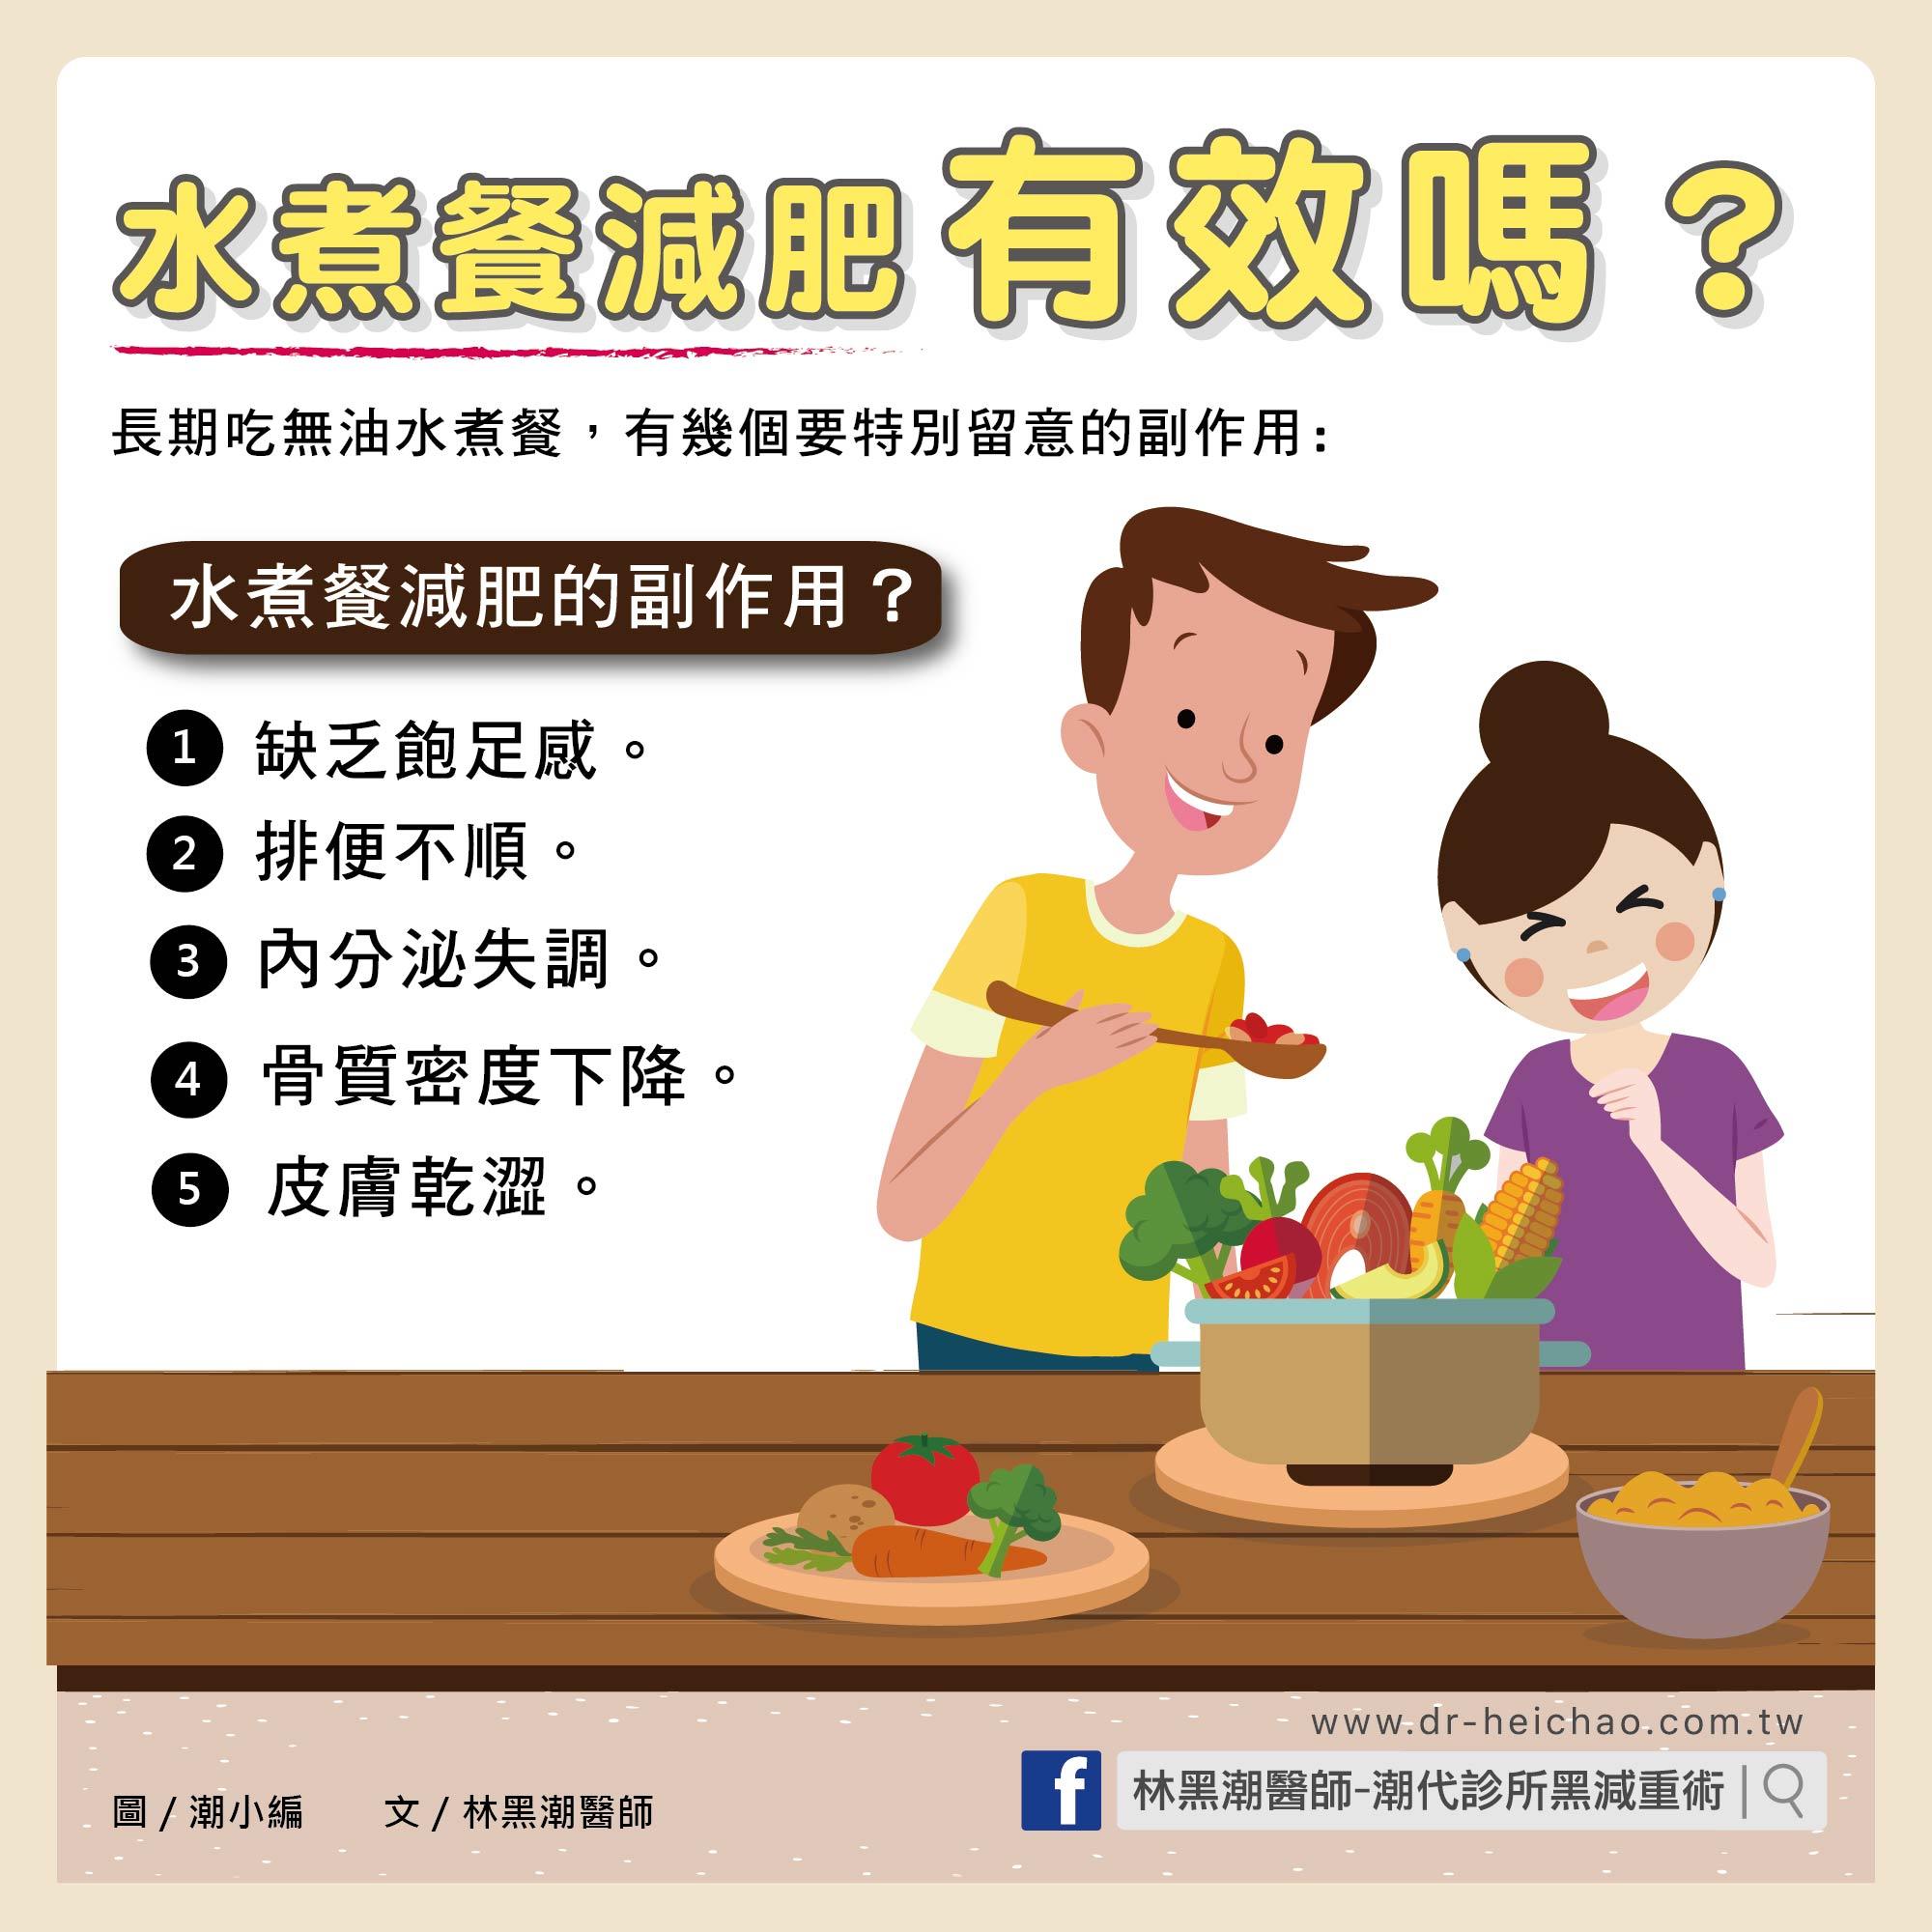 水煮餐減肥有效嗎?